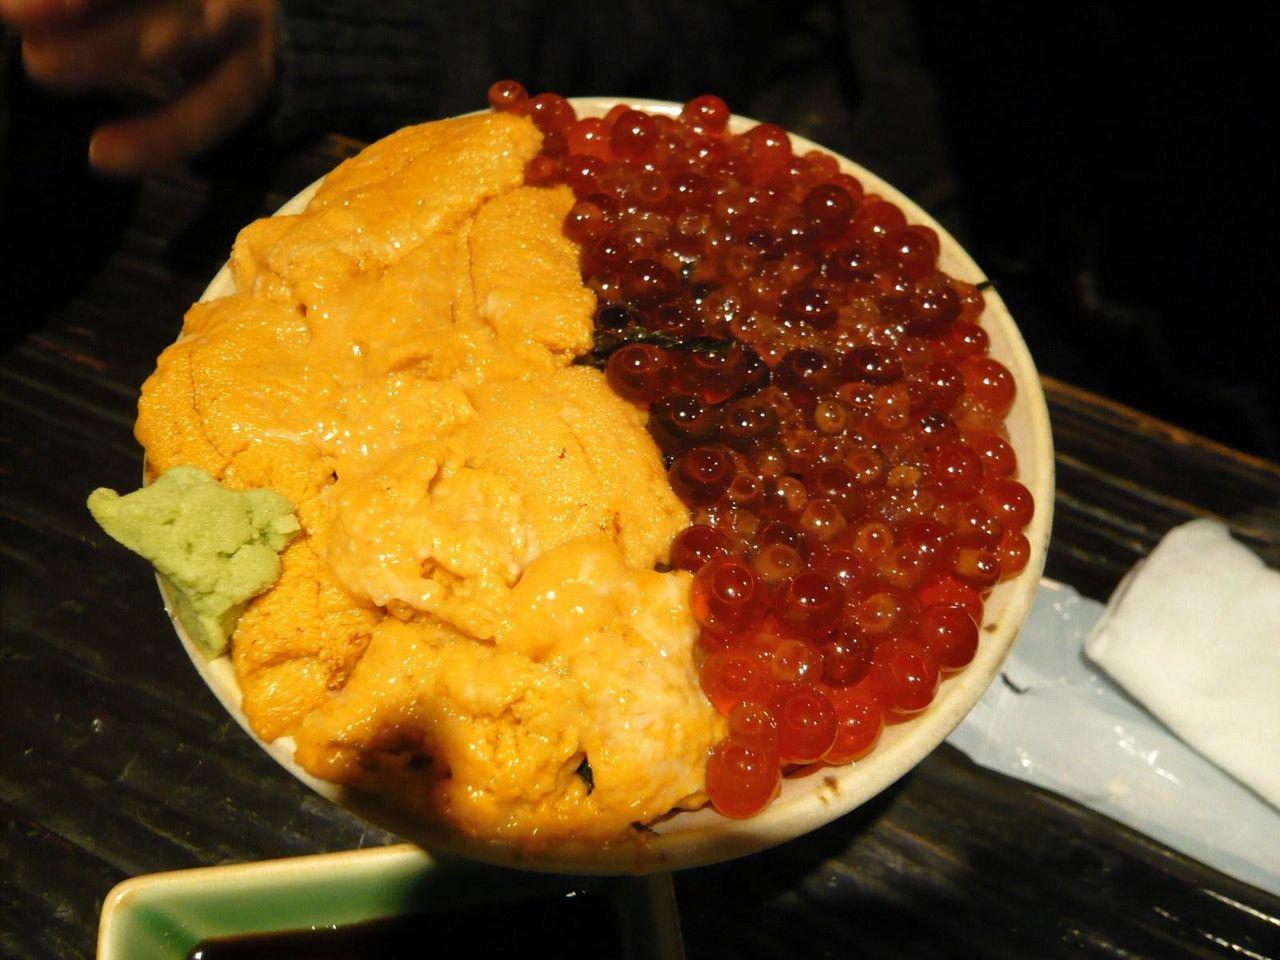 ミニ北海スペシャル丼1,180円は、ウニとイクラがテンコ盛り!